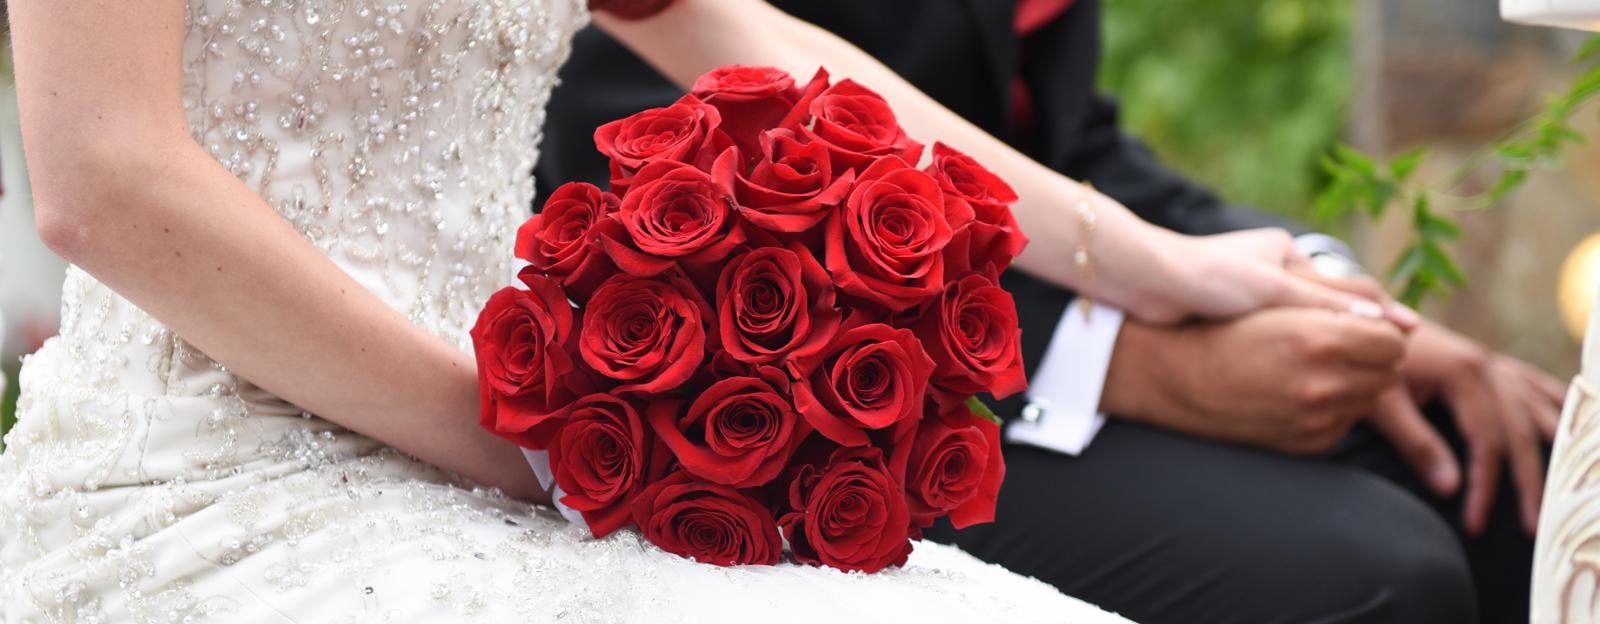 Rolando Vejar Matrimonios